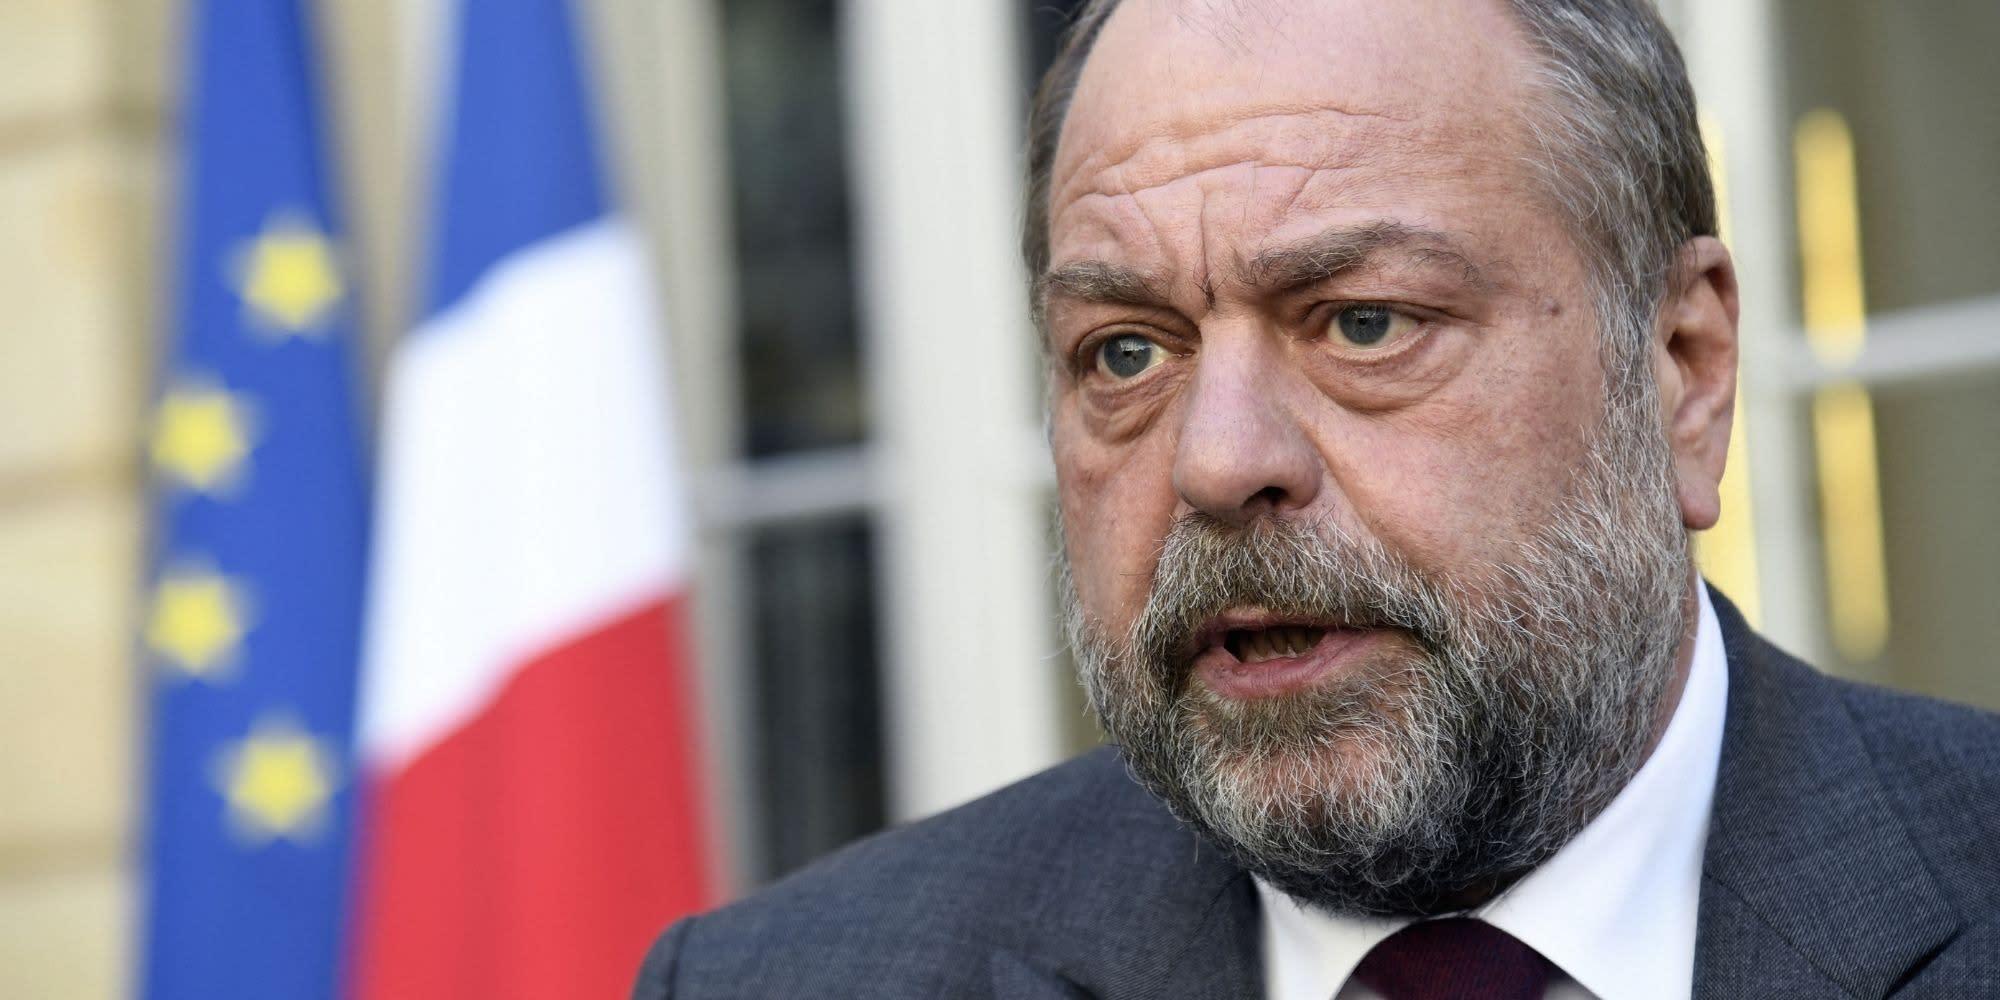 Féminicide à Mérignac : mission d'inspection décidée par Dupond-Moretti, Darmanin et Schiappa